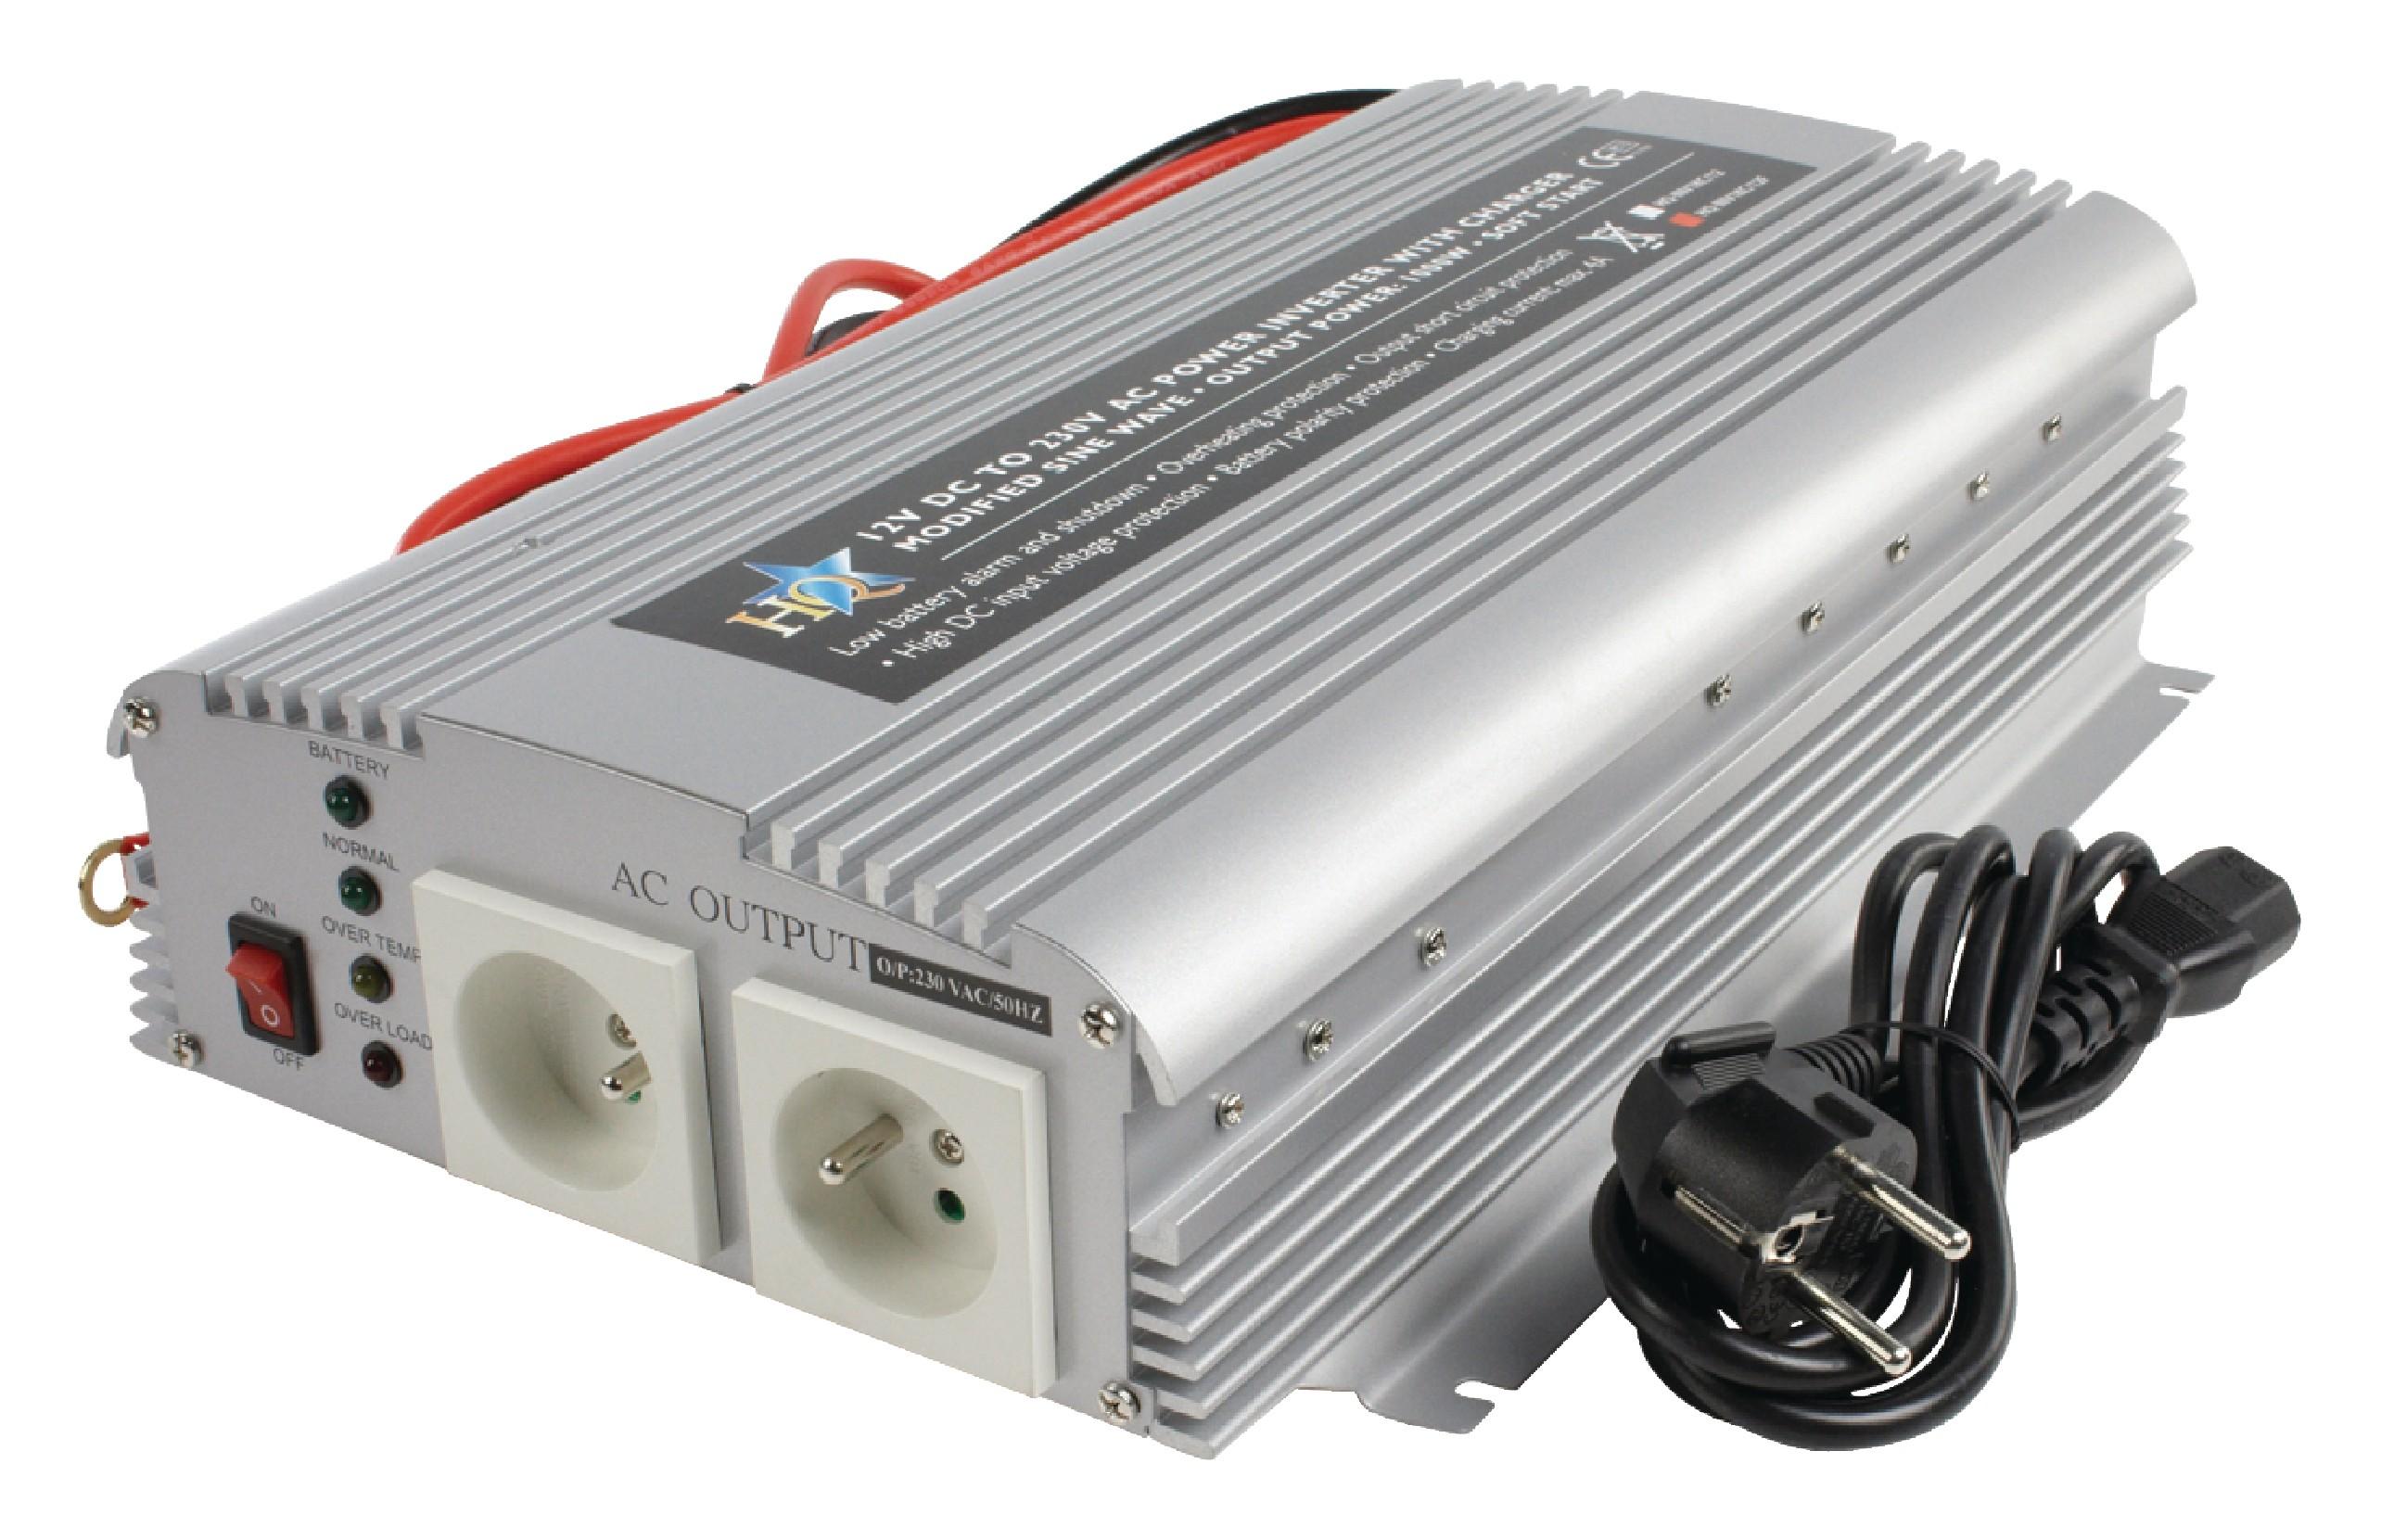 Měnič napětí 12 V na 230 V, 1000 W s funkcí UPS, CZ zásuvky, HQ-INV1KC/12F